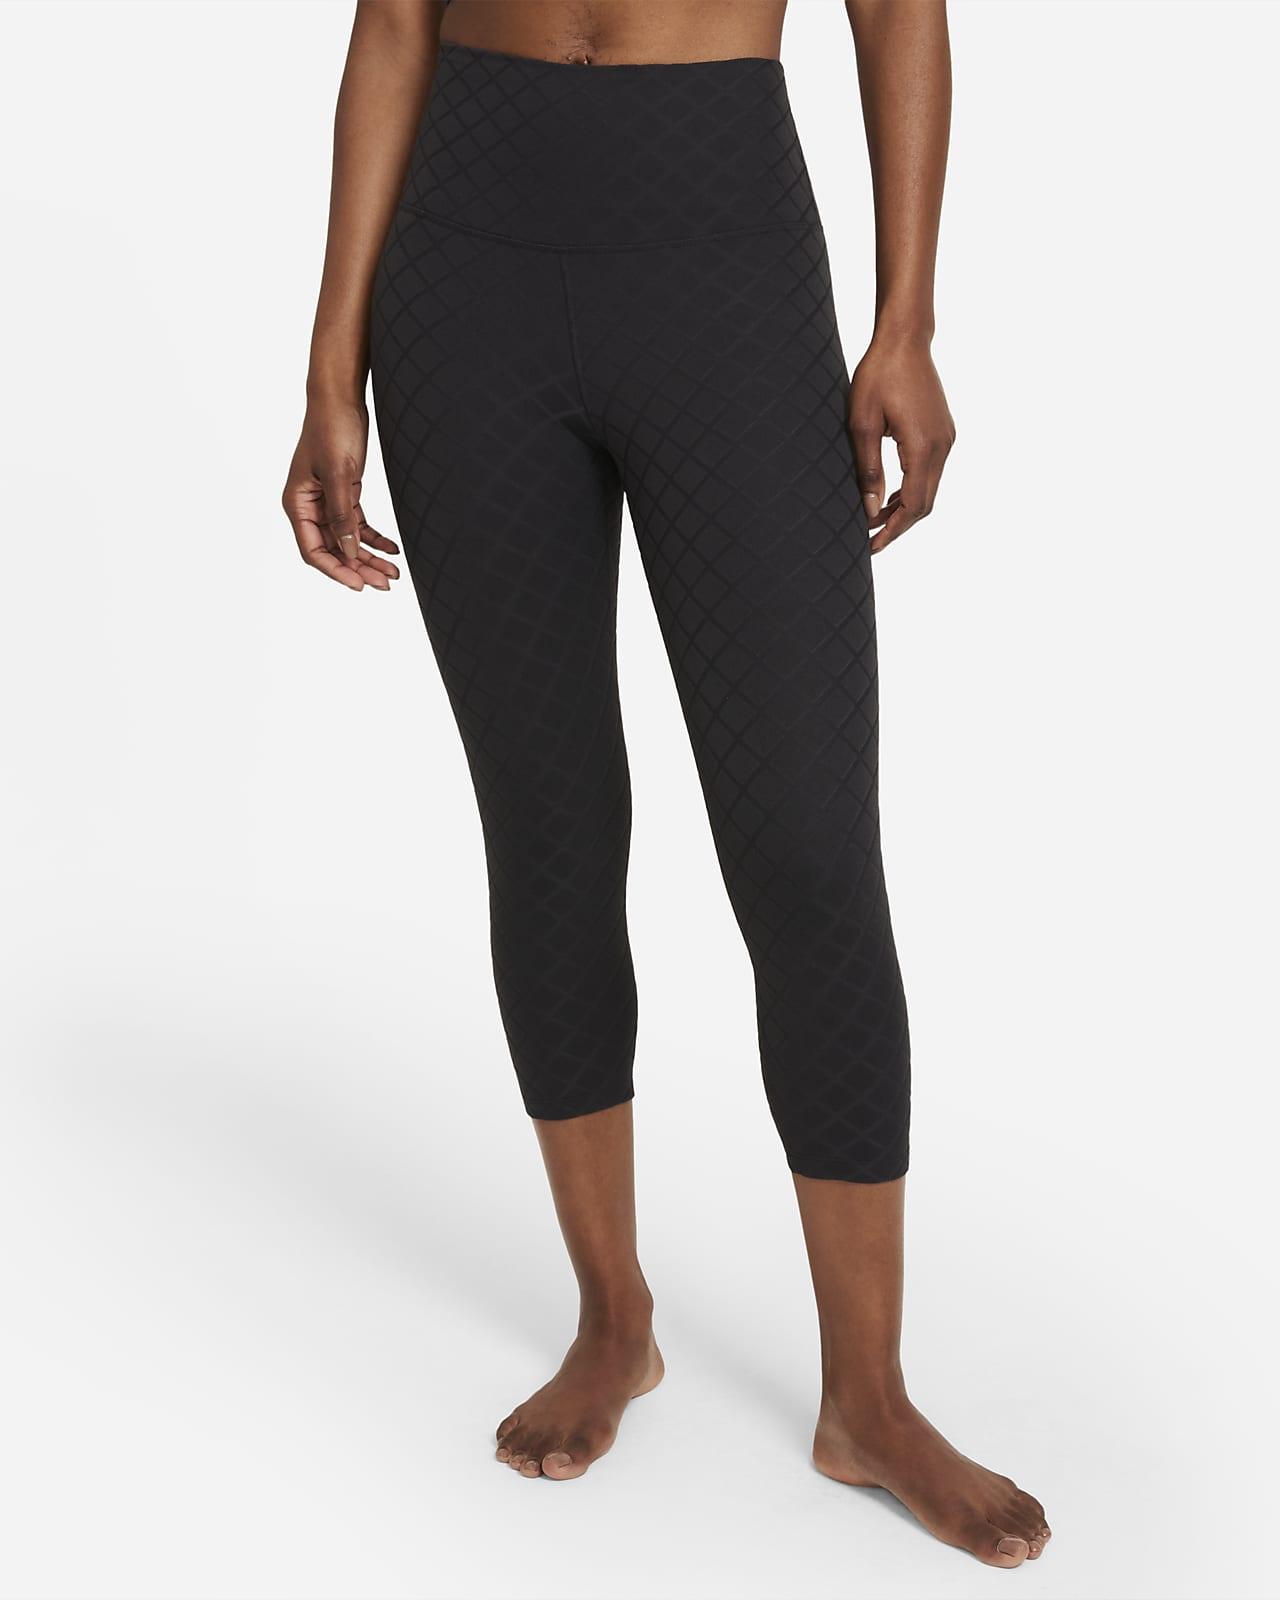 Leggings Capri de cintura alta jacquard para mujer Nike Yoga Luxe